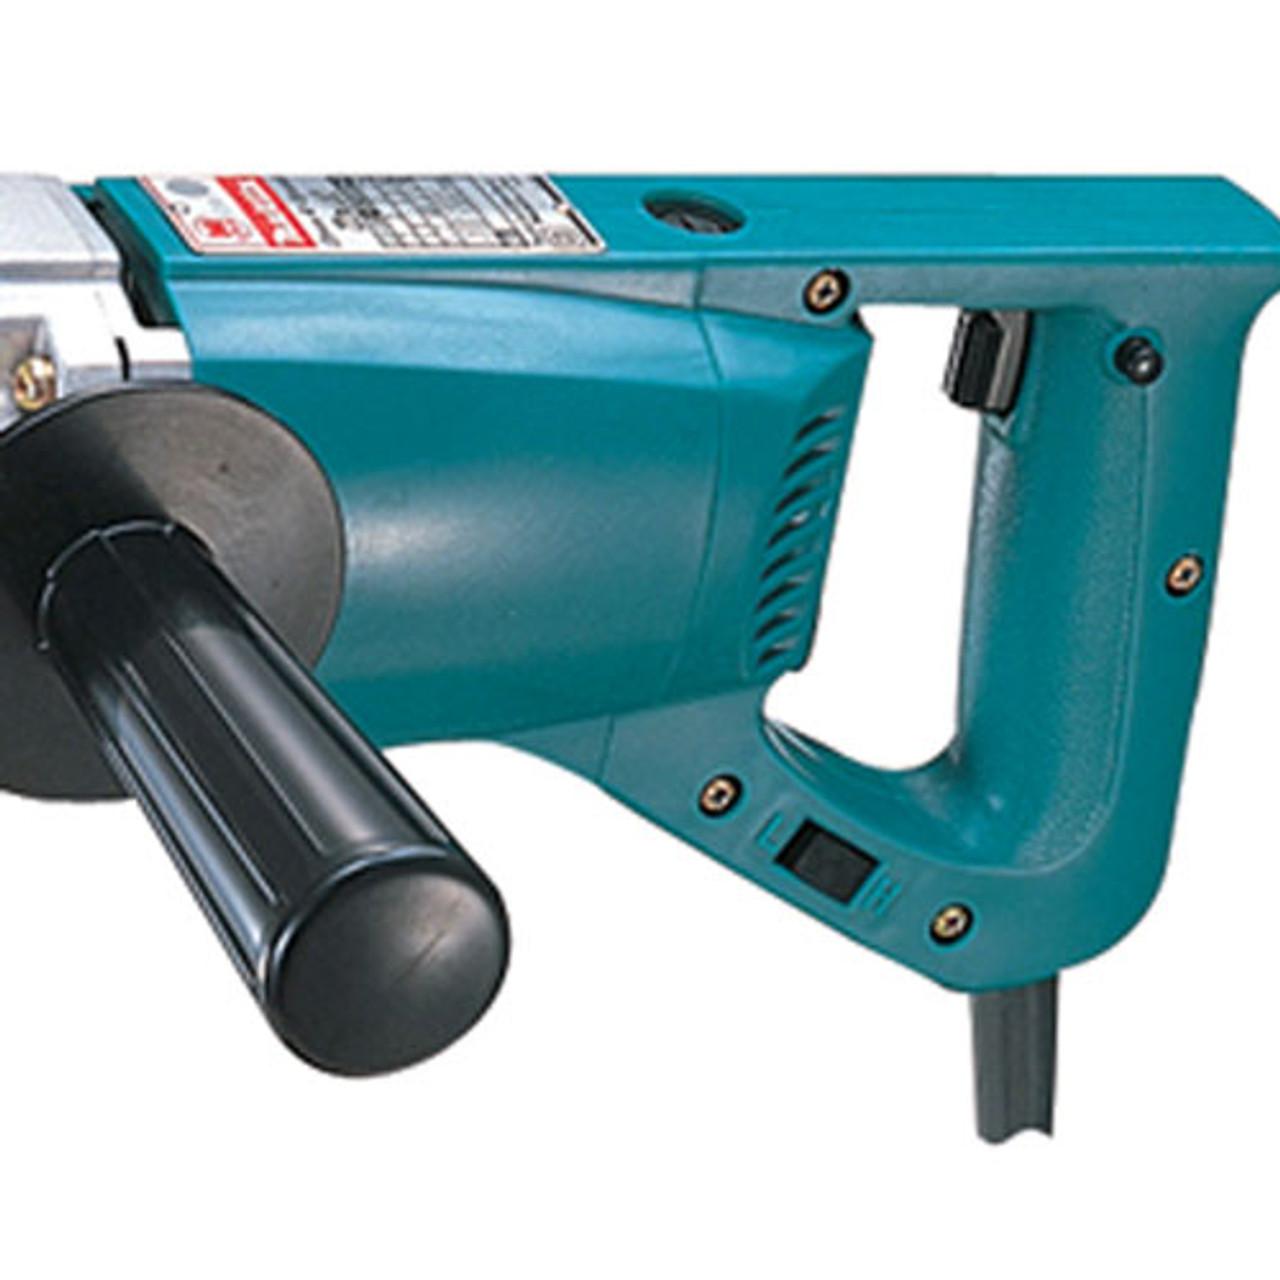 Makita 6300-4//1 110v 13mm 4 Speed Rotary Drill